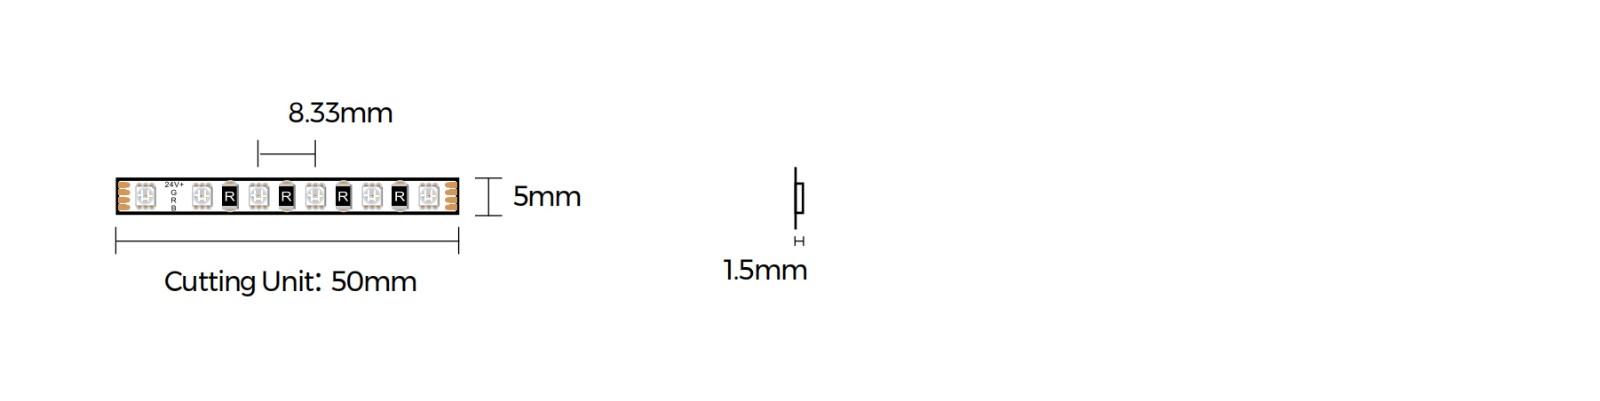 DA120RGB-24V-5mm